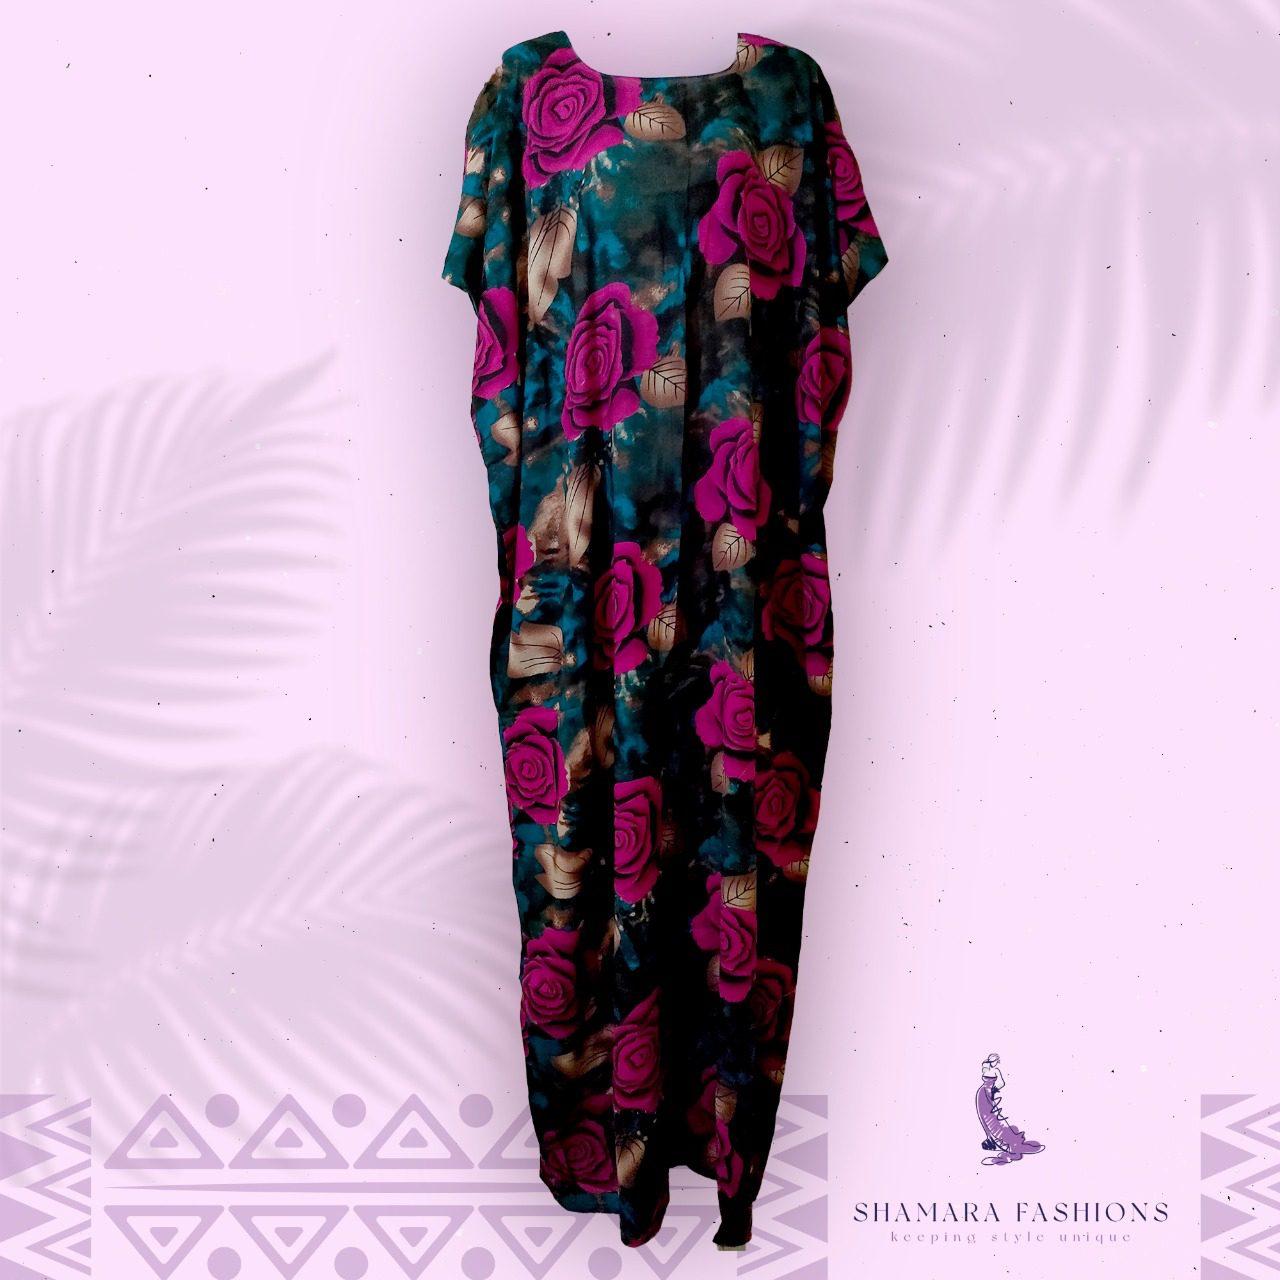 Shamara Fashions - Deras (2)